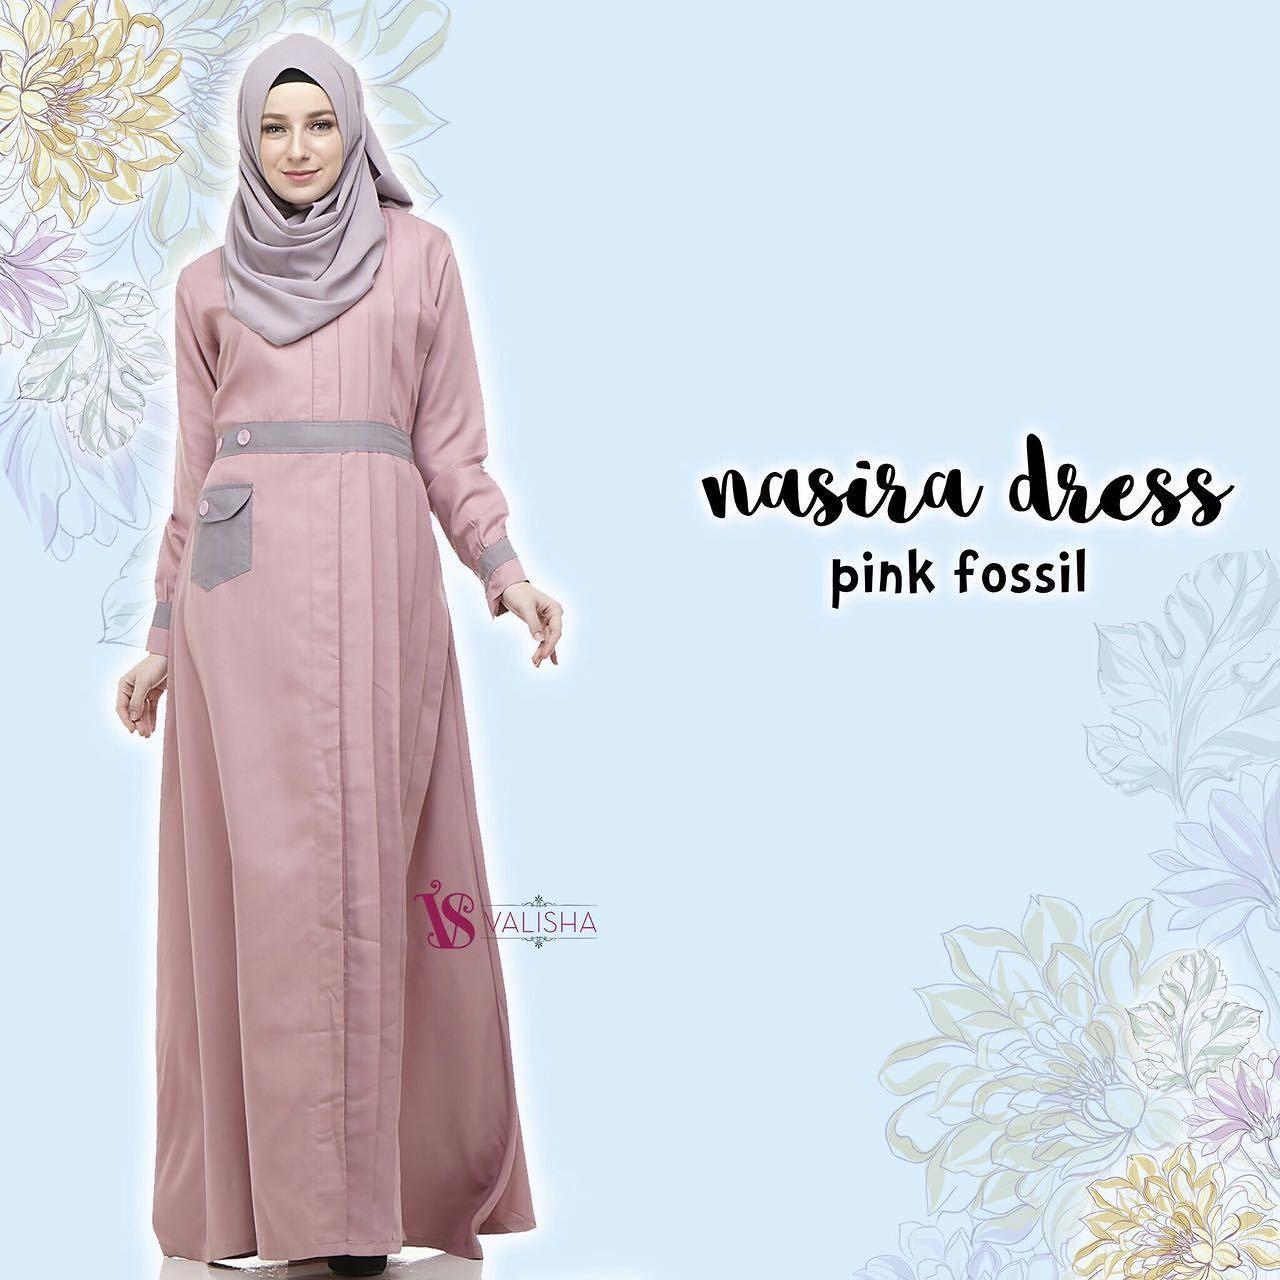 Gamis House Of Valisha Nasira Dress Pink Fossil - baju gamis wanita busana  muslim Untukmu yg 1f24c87bf8